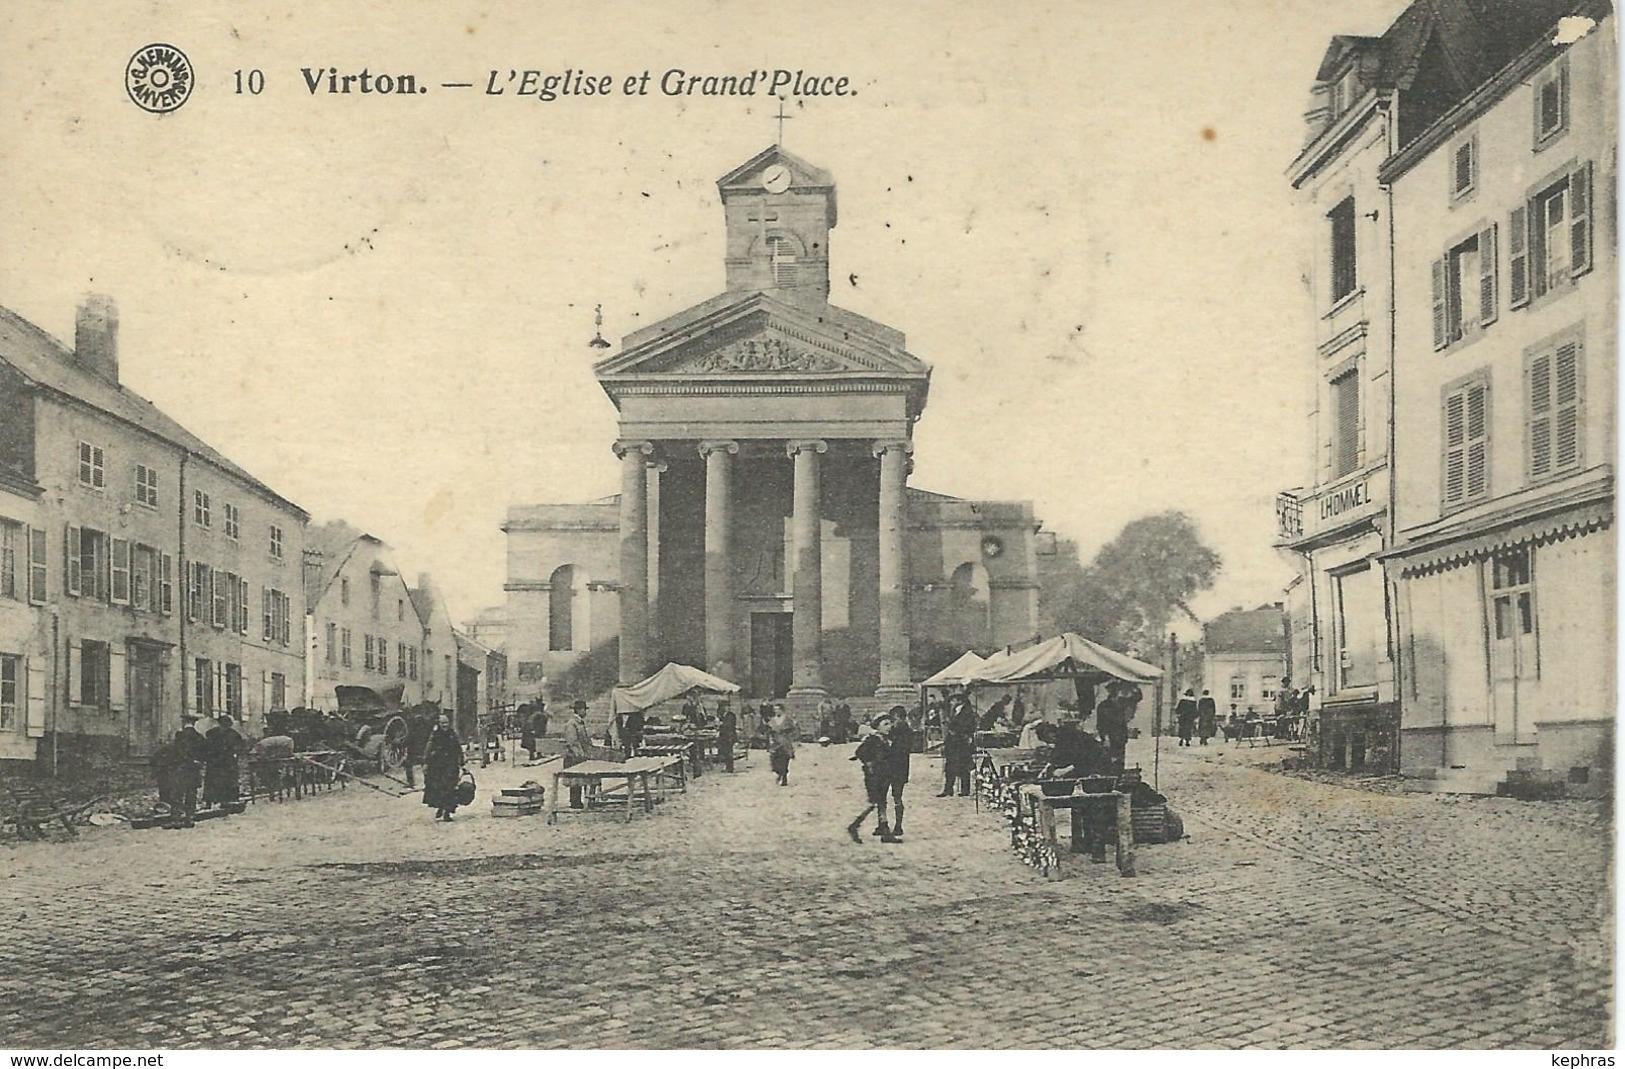 10  VIRTON : Eglise Et Grand'Place - Cachet De La Poste 1920 - Virton